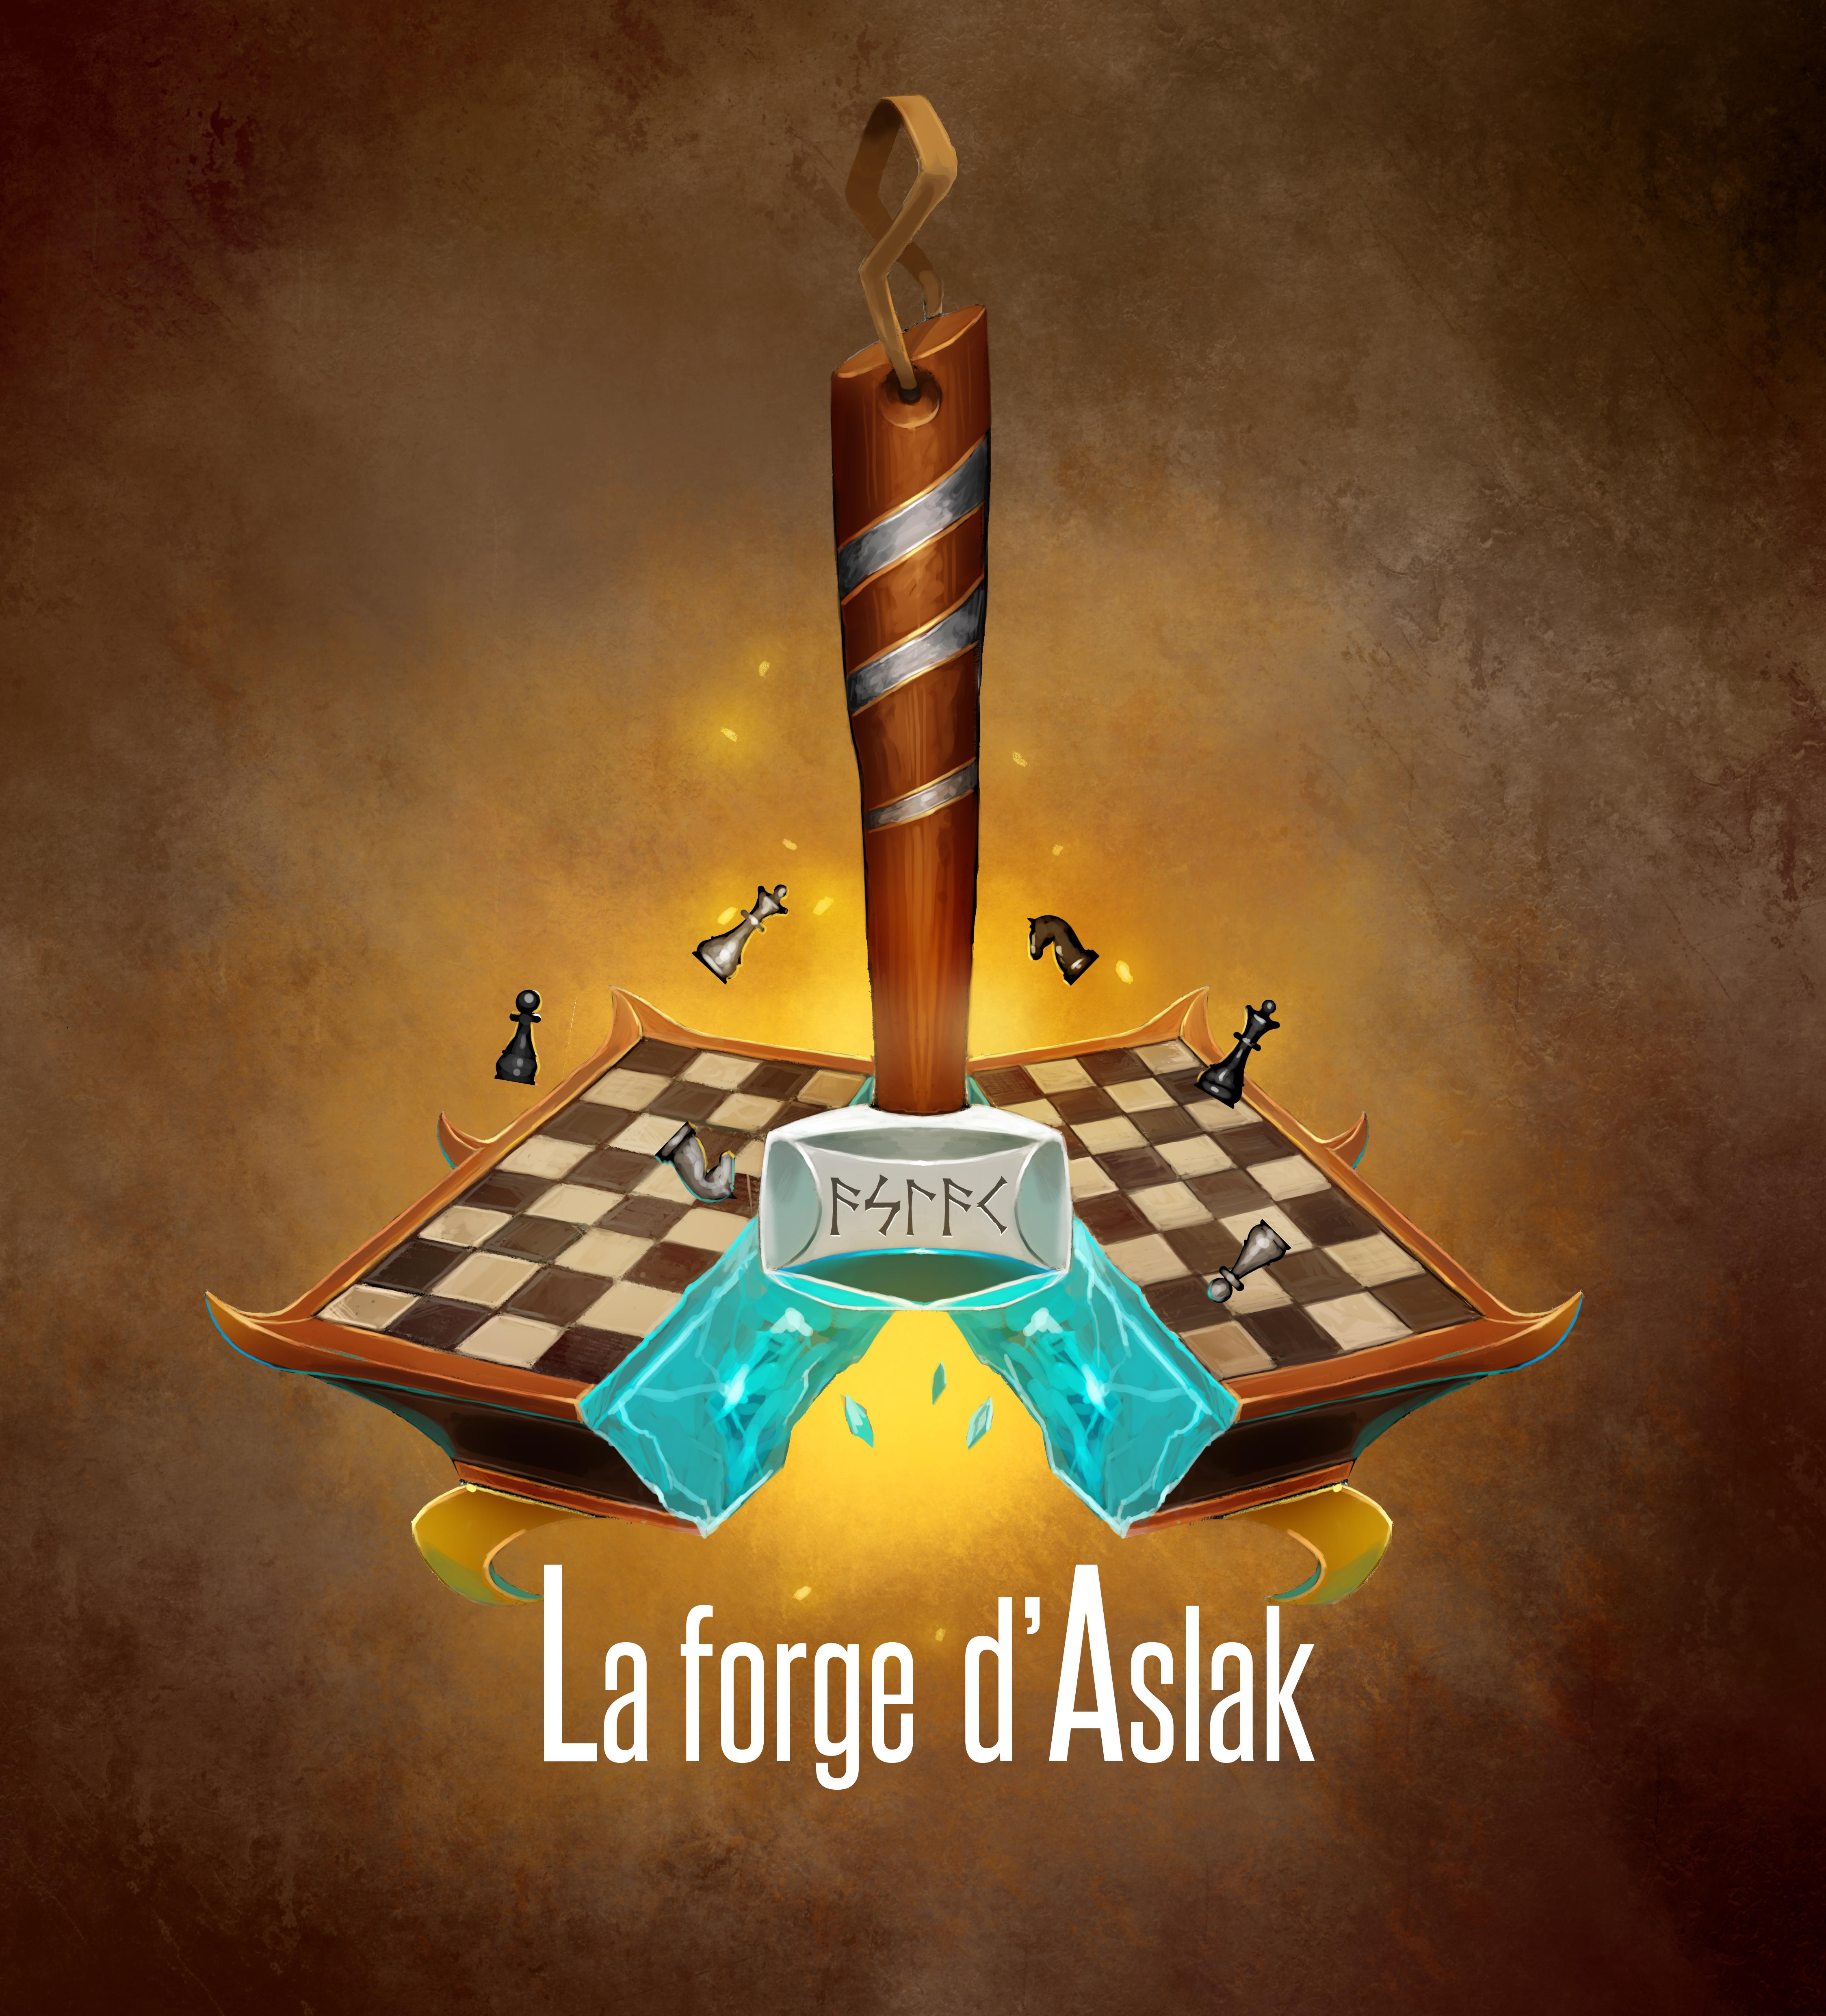 La forge d'Aslak